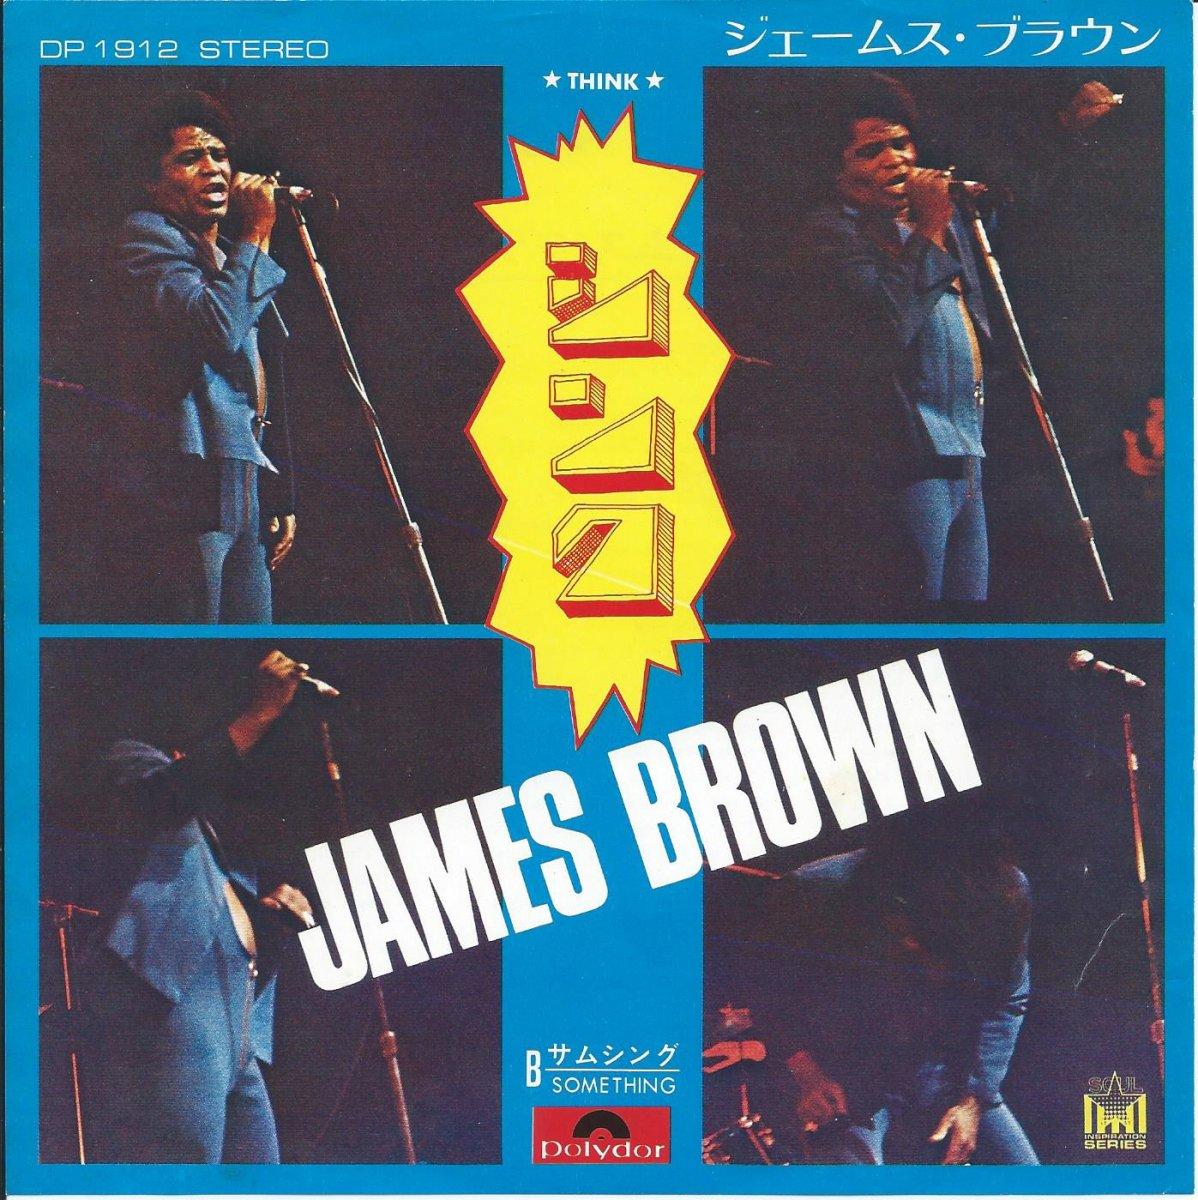 ジェームス・ブラウン JAMES BROWN / シンク THINK / サムシング SOMETHING (7